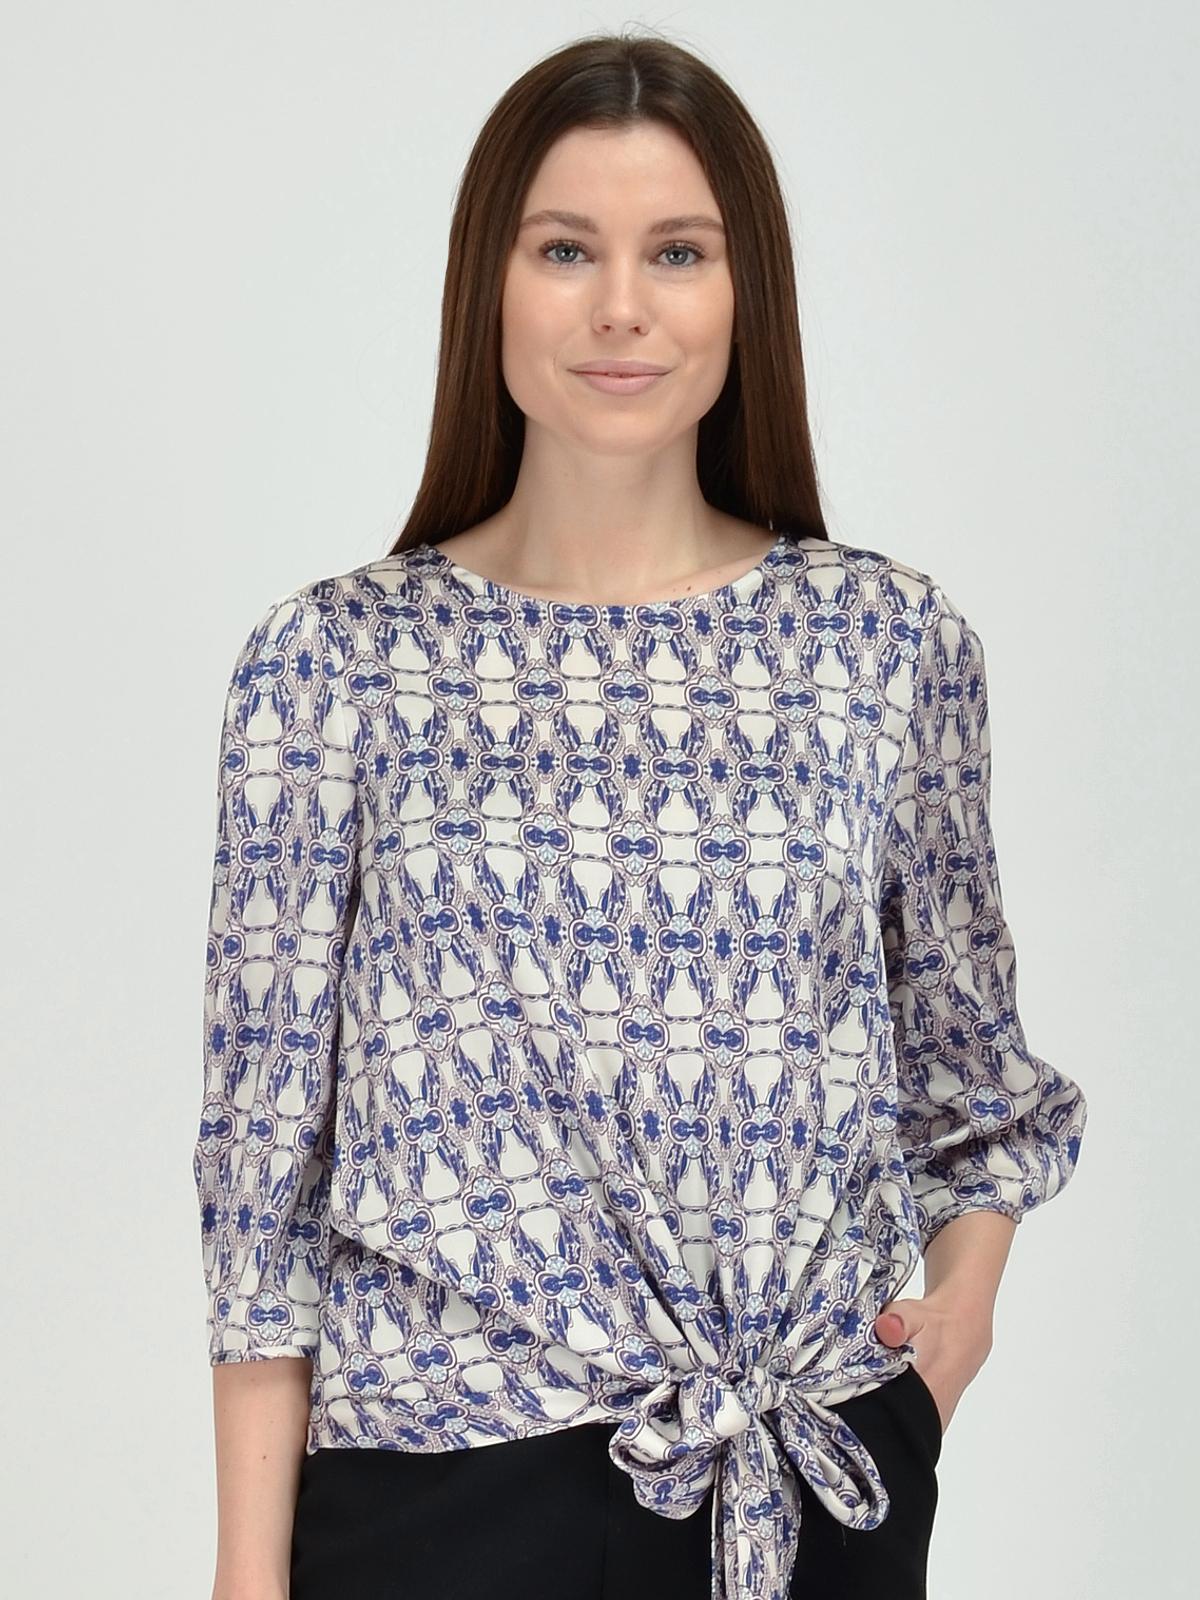 Купить Блузка женская из текстиля, МОСМЕХА, серо-голубой, 5600219